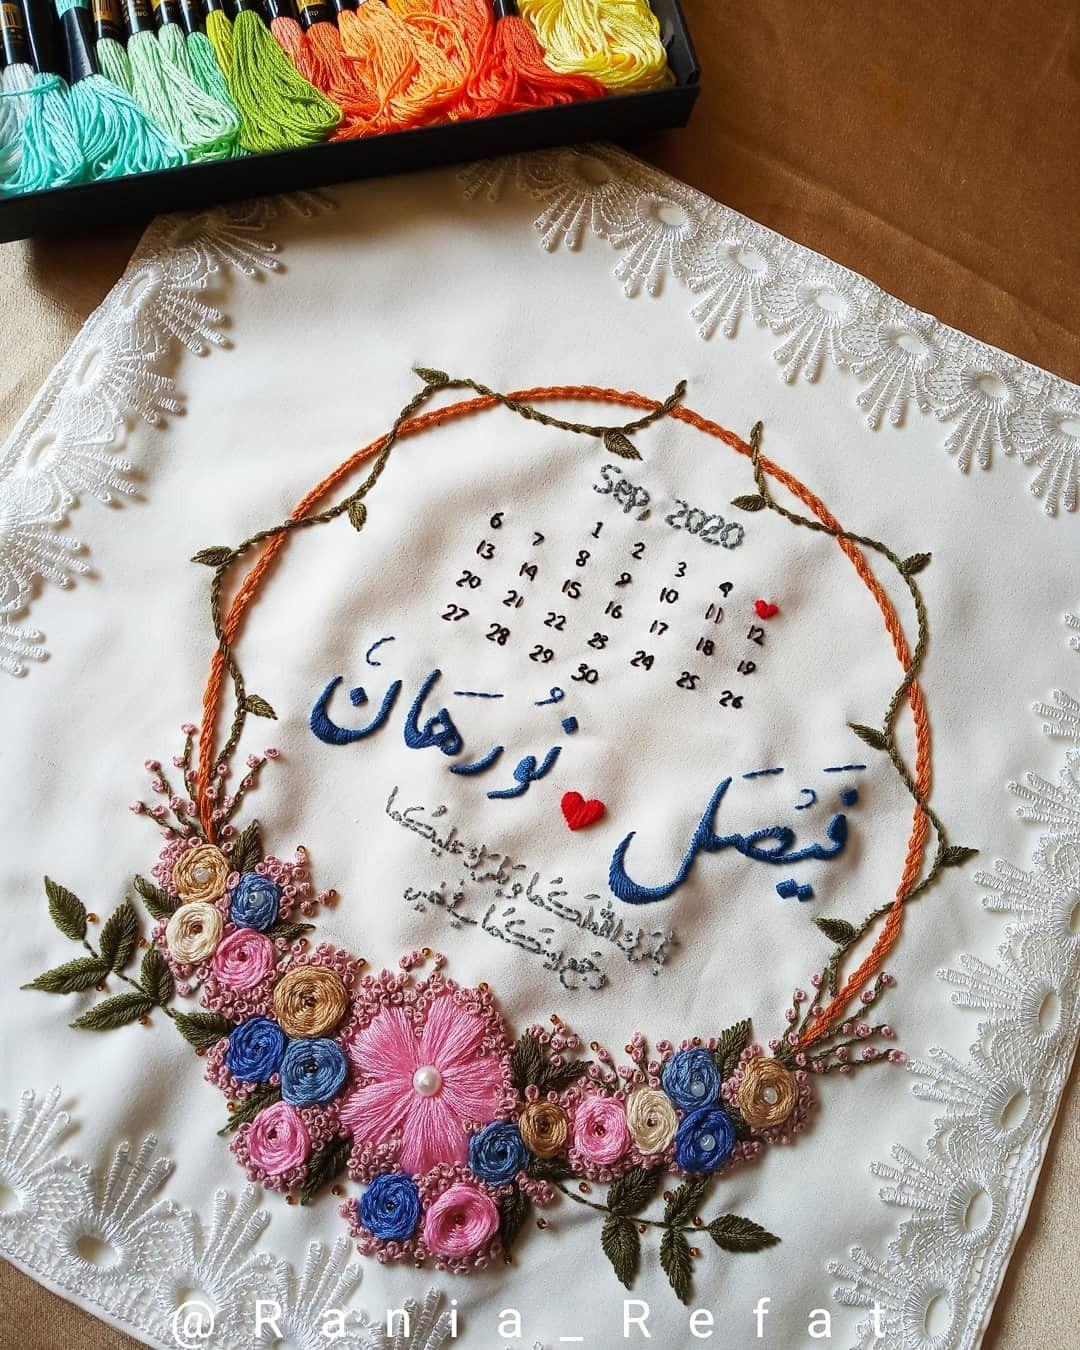 بارك الله لكما وبارك عليكما وجمع بينكما فى خير فيصل نورهان منديل كتب كتاب In 2021 Embroidery Patterns Free Hand Embroidery Art Embroidery Designs